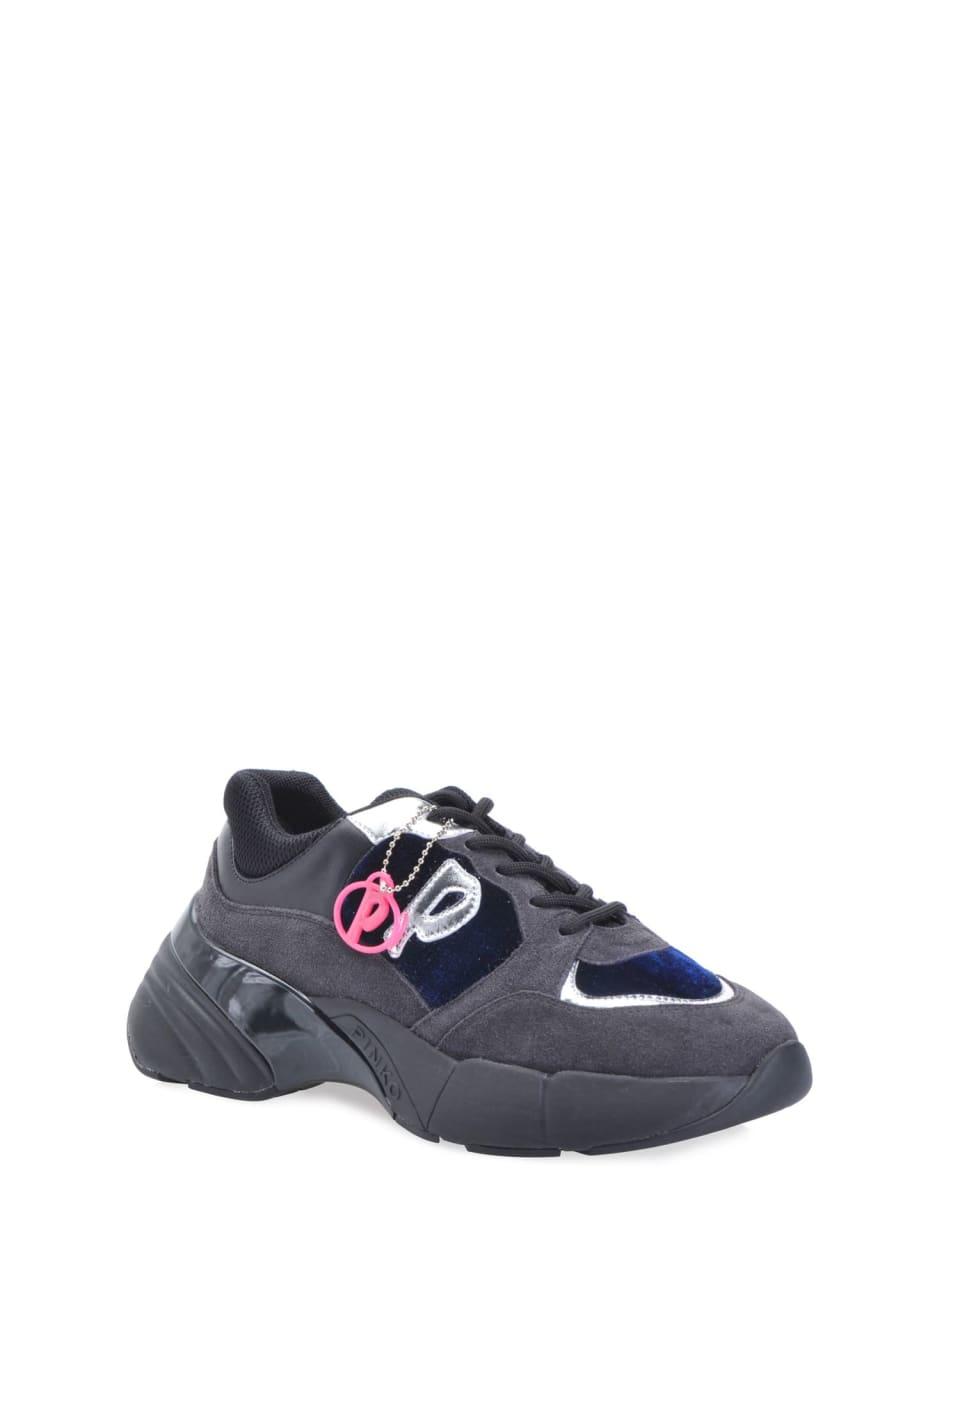 Zapatillas deportivas Shoes to Rock de piel y terciopelo